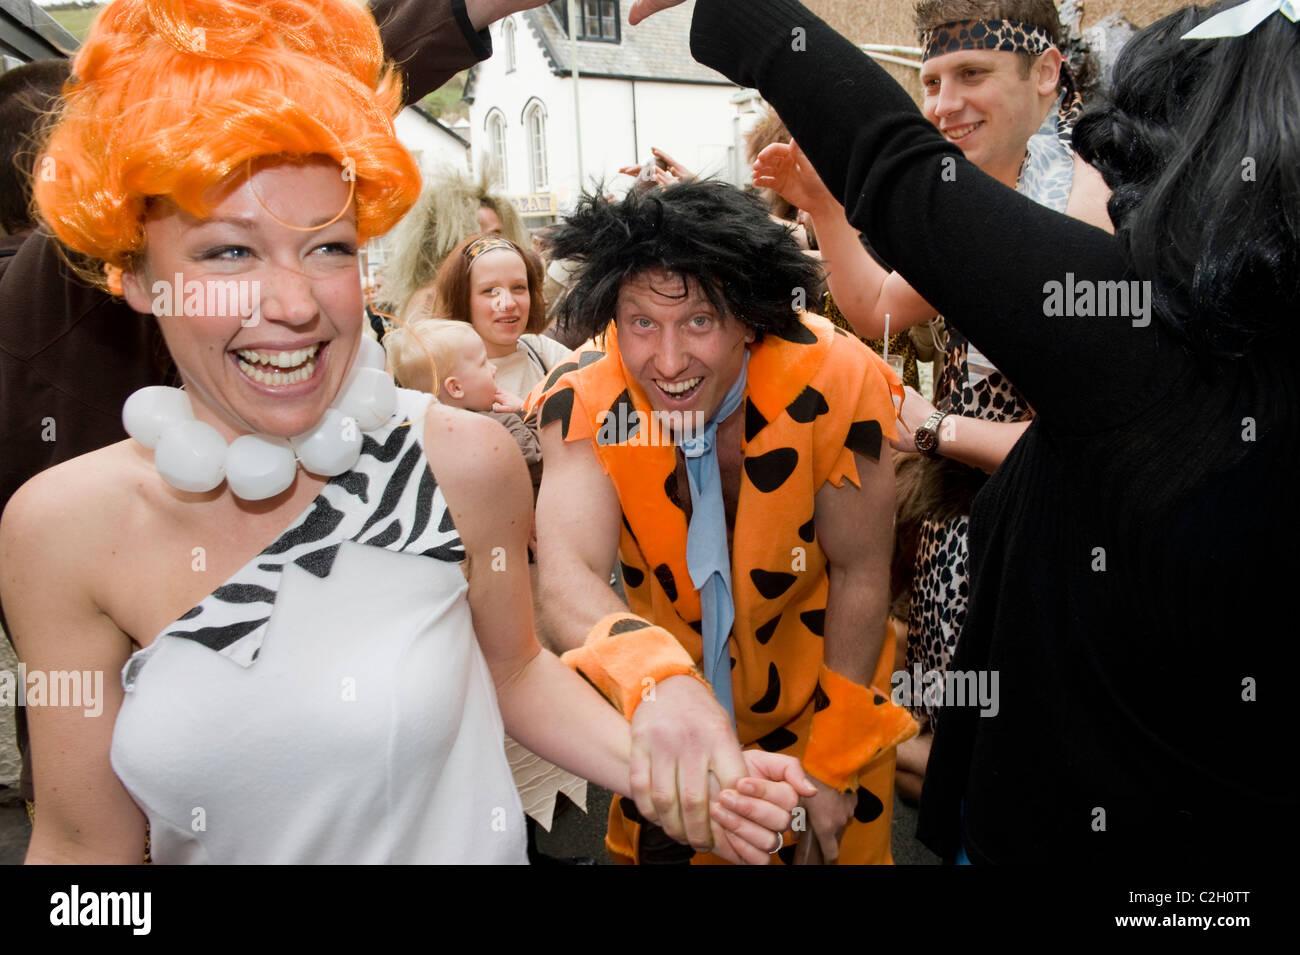 Ed Robinson (34) (Fred)e Gayle Watson (29) (Thelma) al loro flintstones themed le nozze di Combe Martin, Devon, Immagini Stock